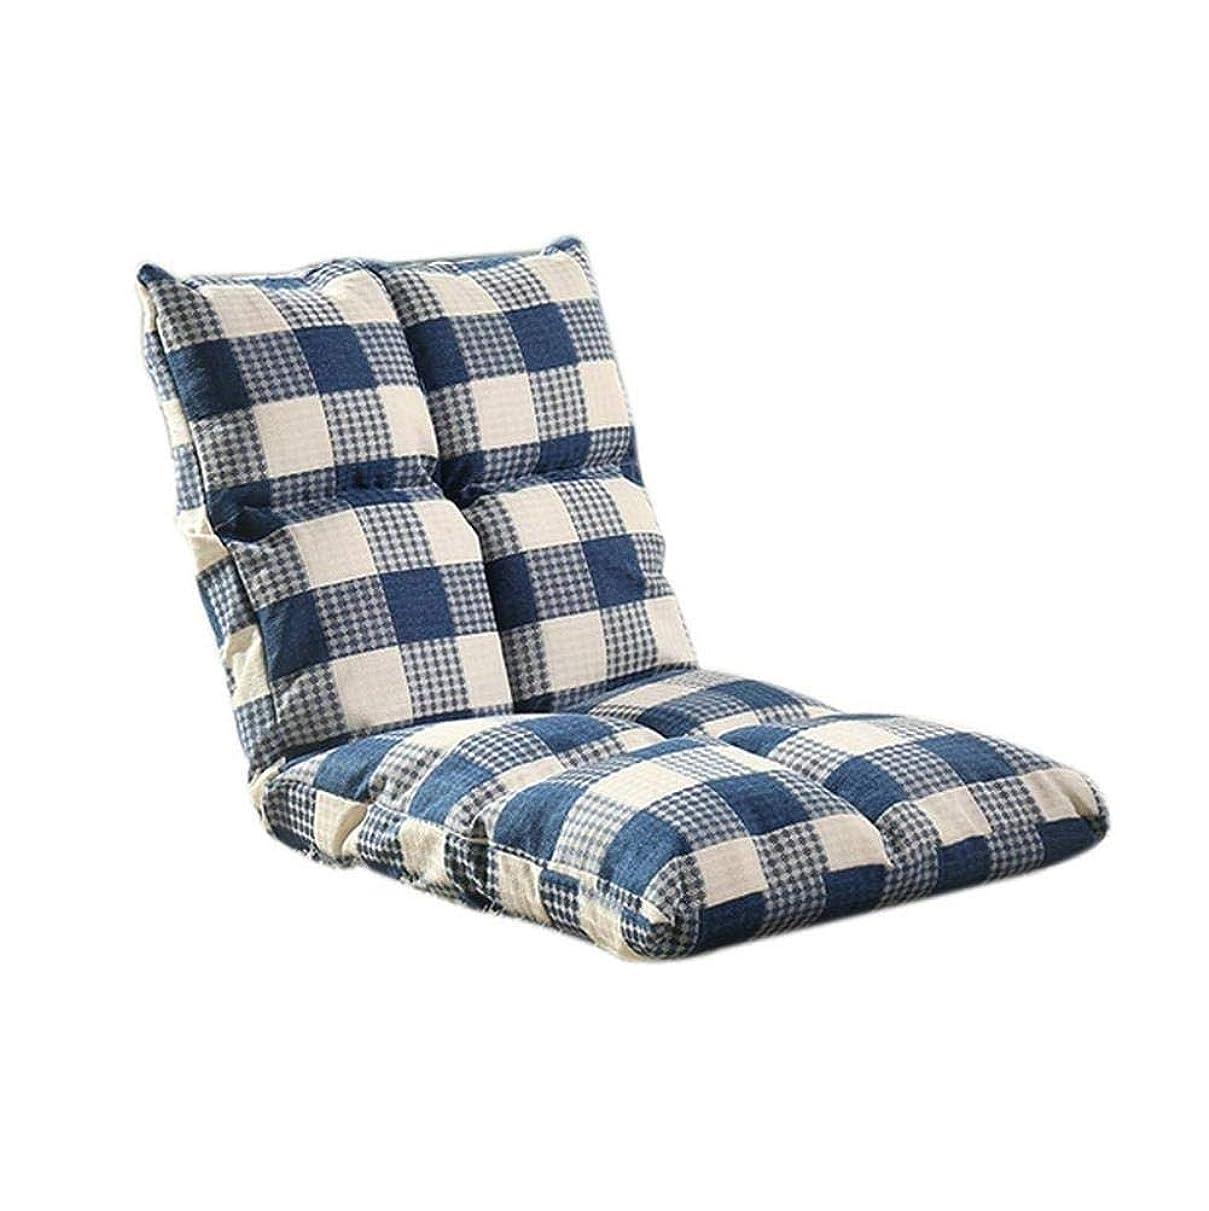 均等にナビゲーション満了瞑想椅子、折りたたみ椅子、調節可能な椅子、畳シングルチェア、背もたれ付きのベッドルームベイウィンドウ日本の椅子、怠zyなソファゲームチェア (Color : 濃紺)